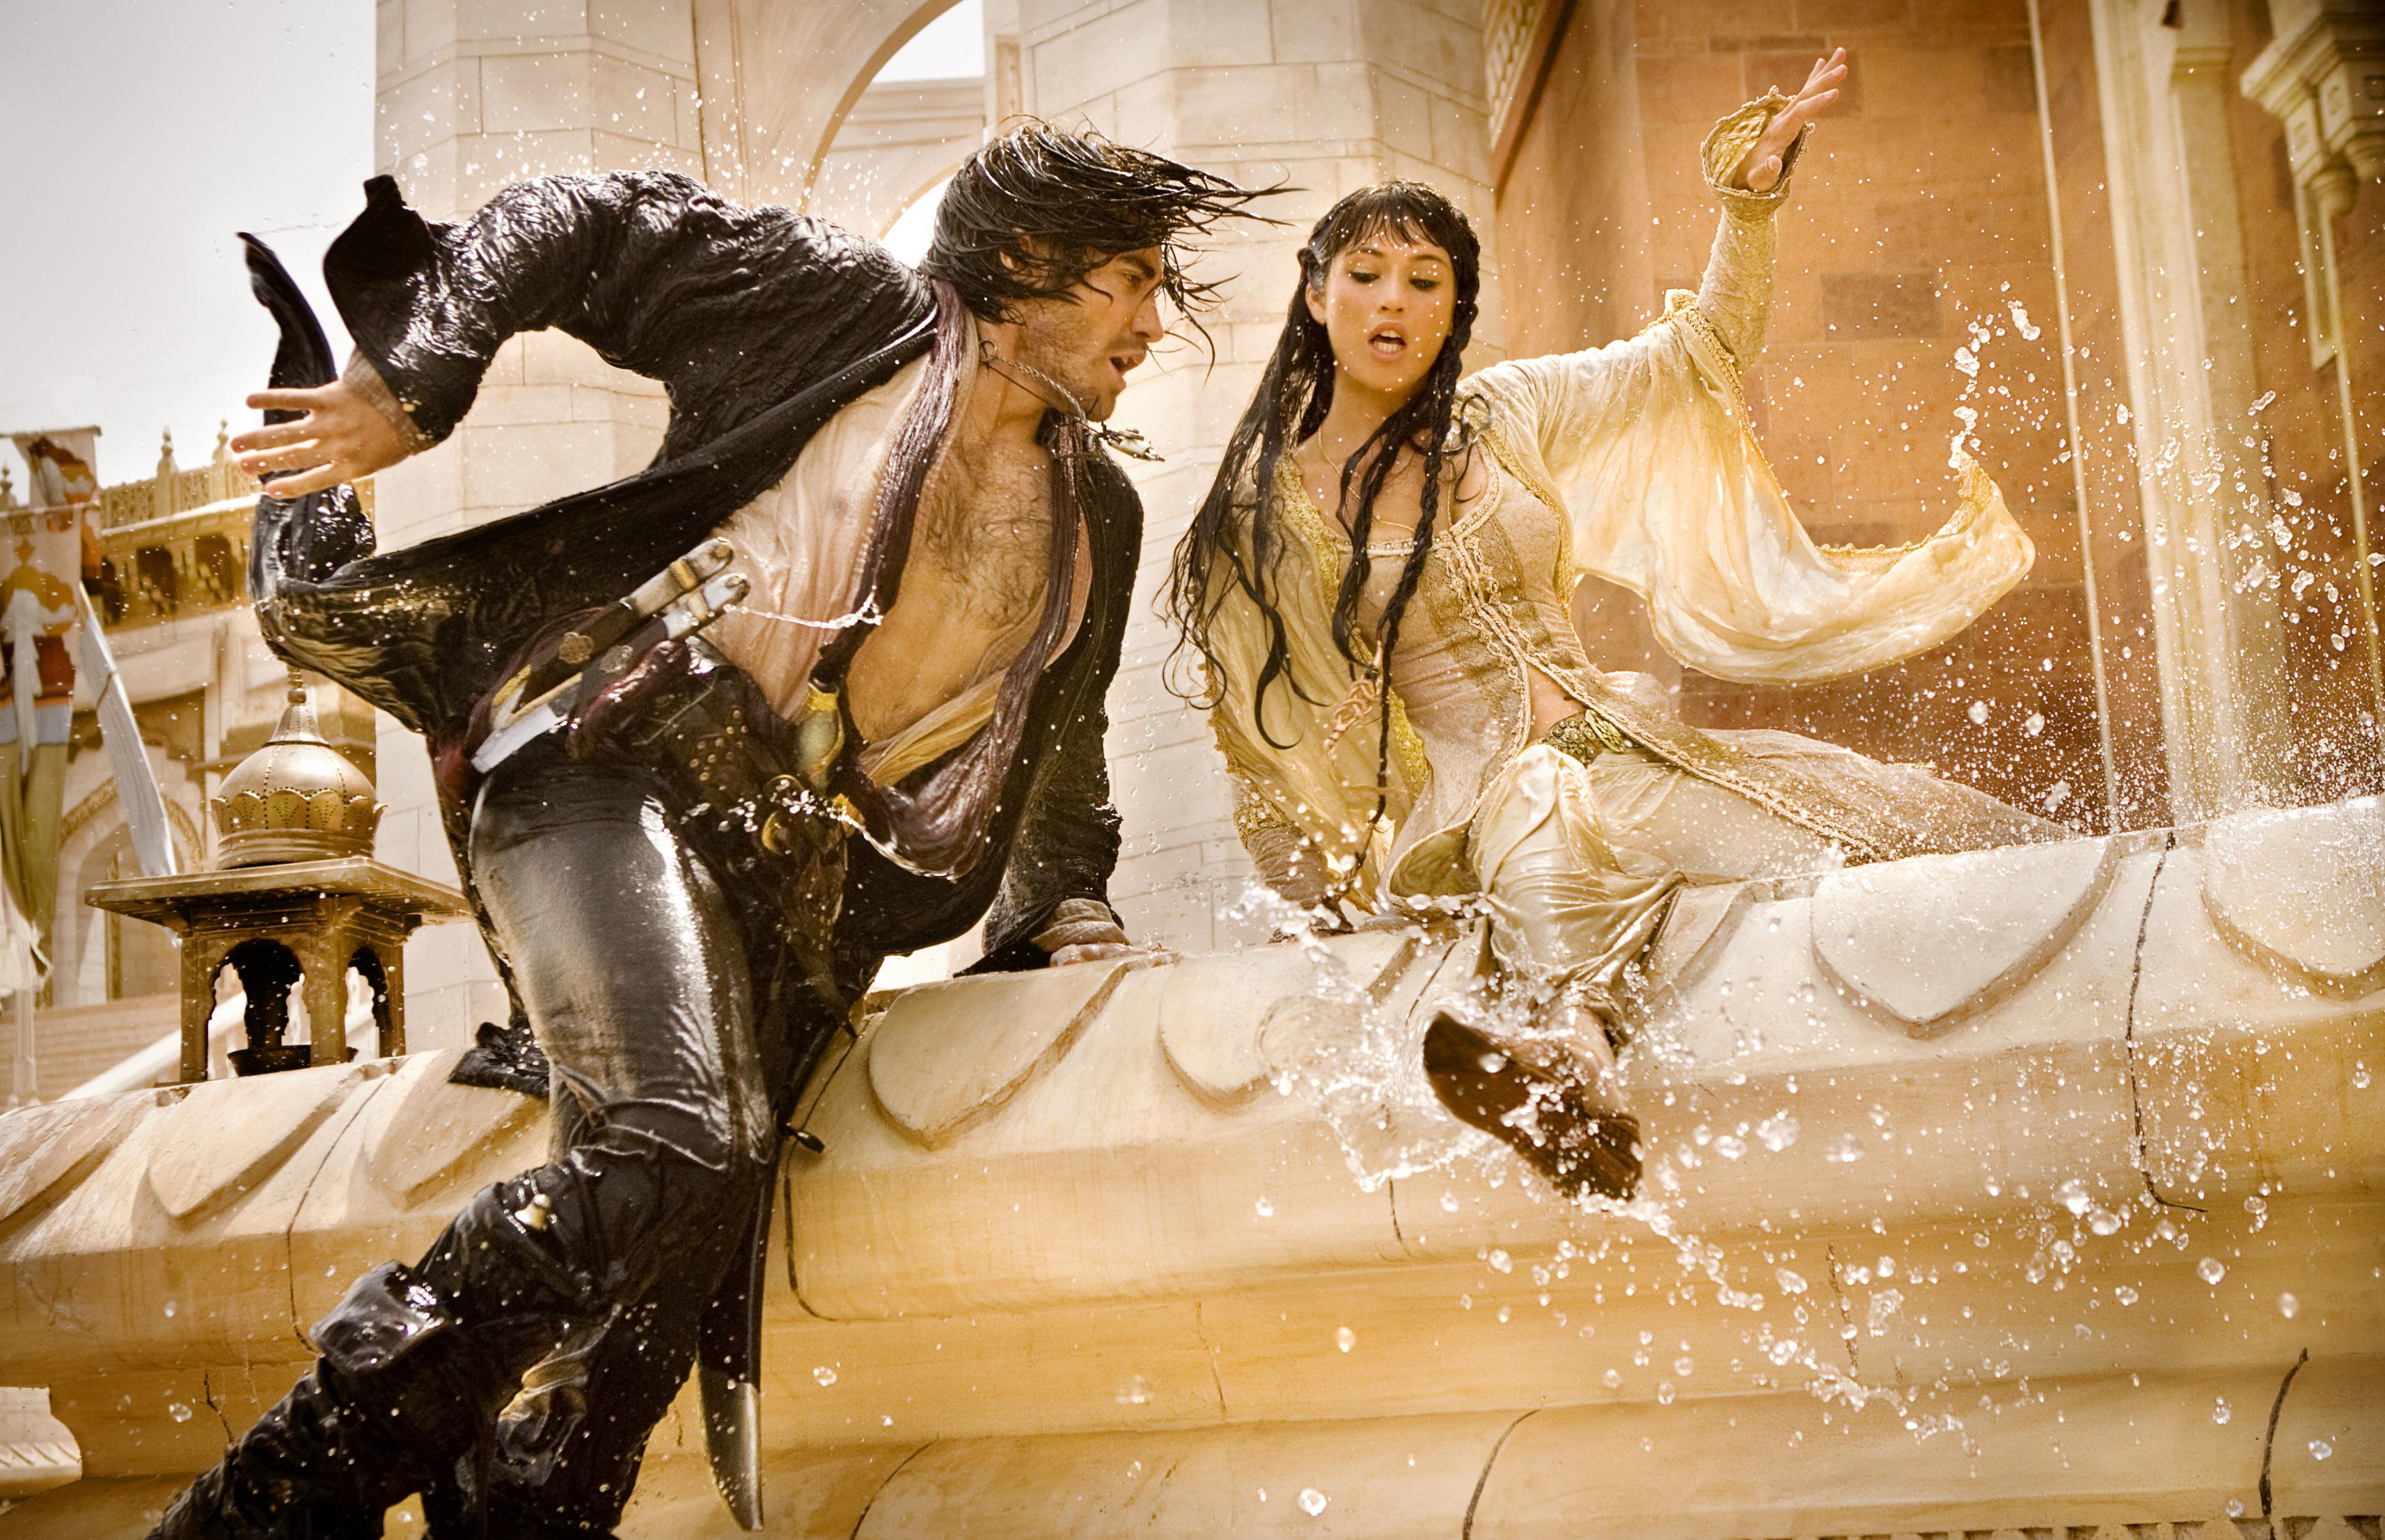 кадры из фильма Принц Персии: Пески времени Джемма Артертон, Джейк Джилленхол,